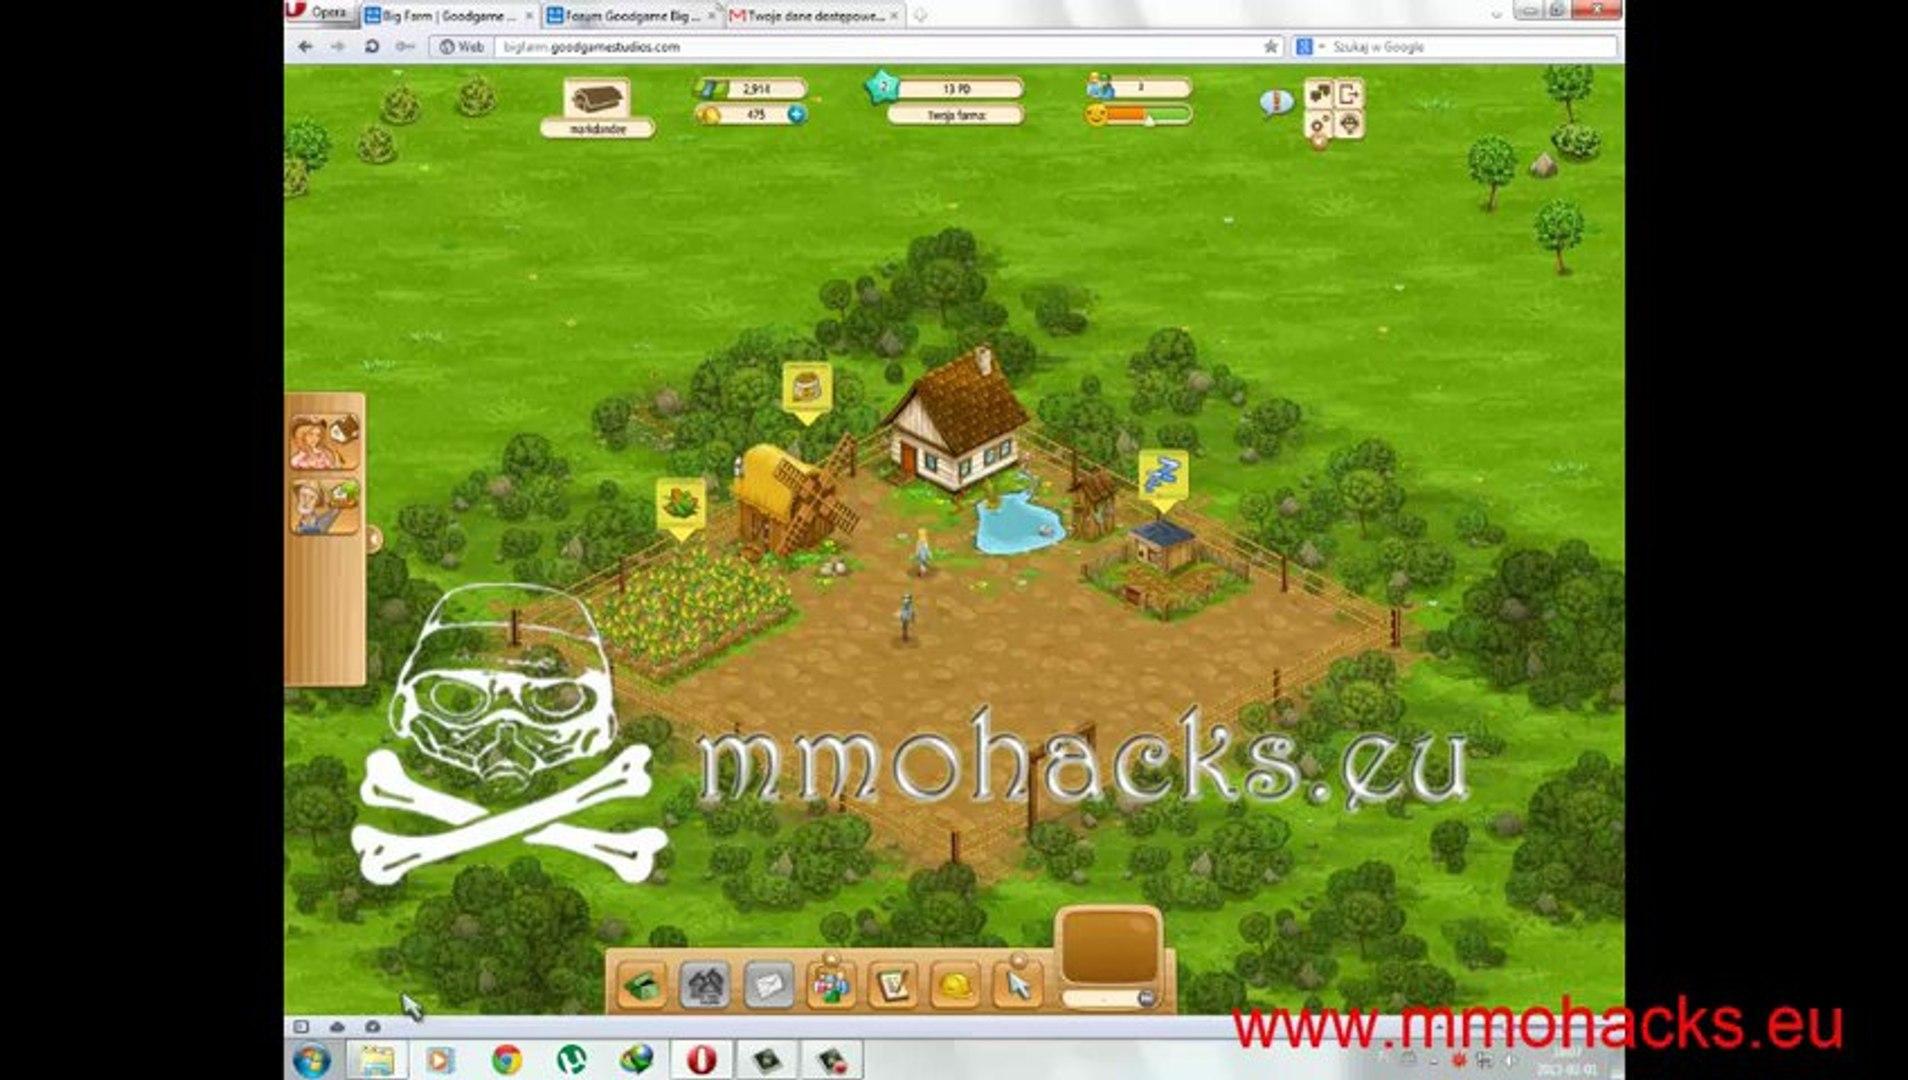 GoodGame Big Farm Hack v4.0 l Free download 2013 l Only tested hacks